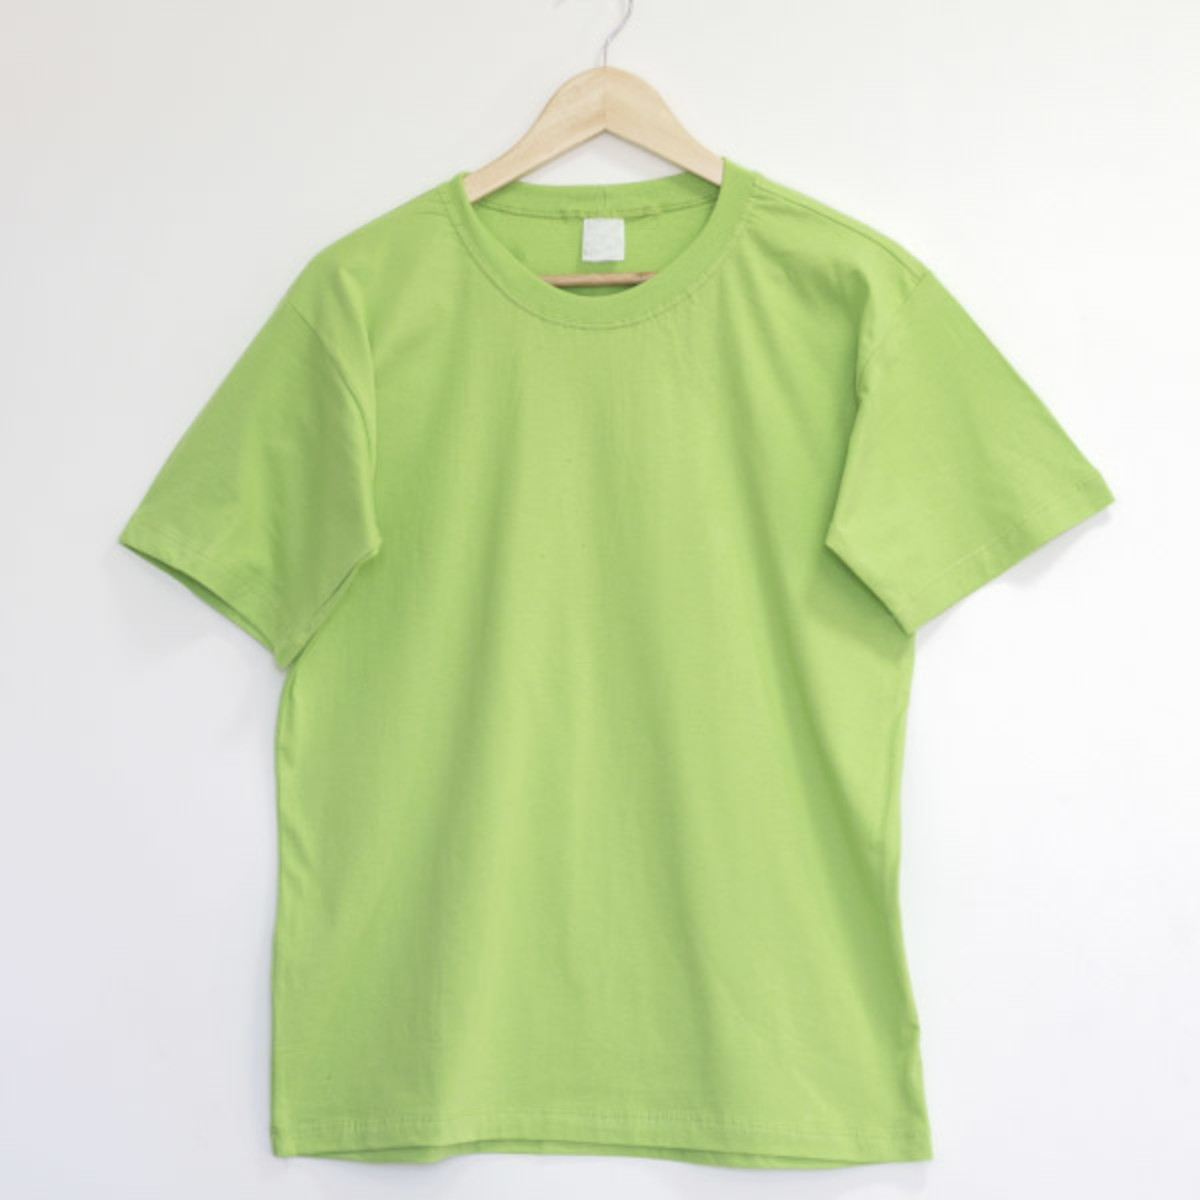 226593f2f5 Camiseta 100% Algodão Verde Limão no Elo7